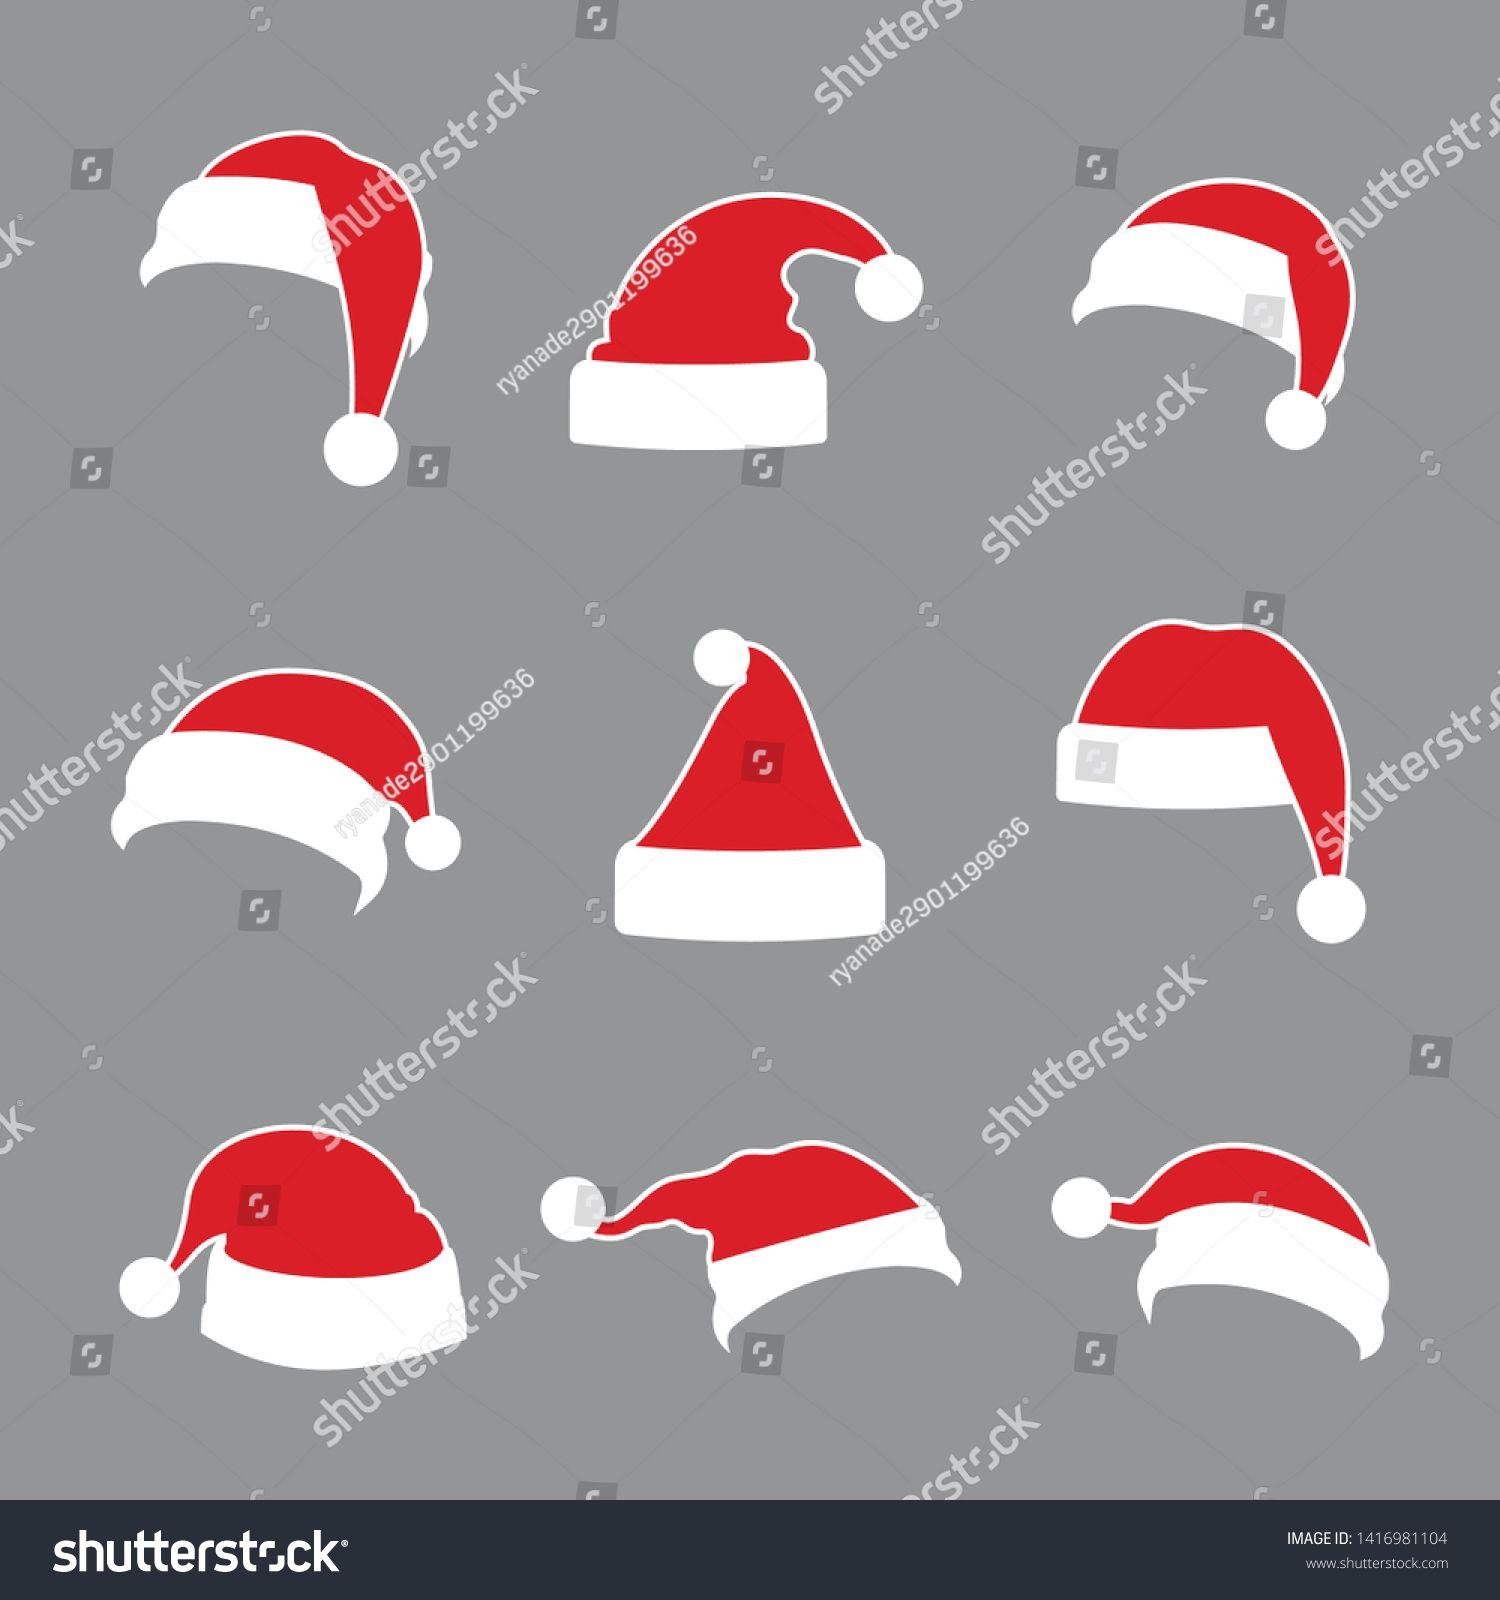 Rozhdestvo Illyustraciya S Realistichnoj Elovye Vetki Vektornaya Illyustraciya Christmas Hat Happy Christmas Greetings Christmas Hat Png